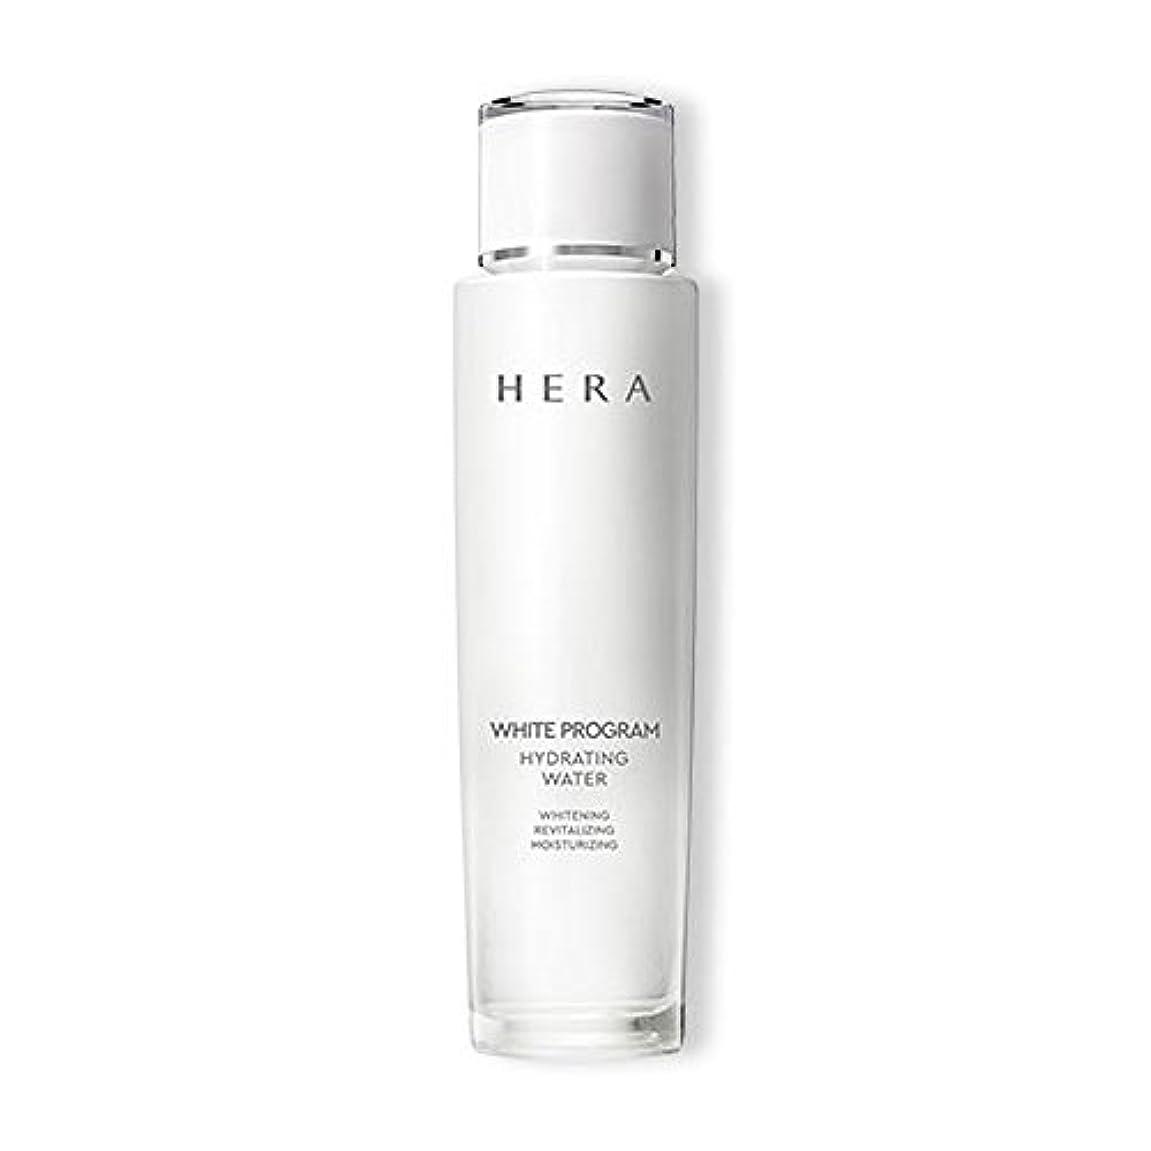 ミネラルシュガー周囲HERA(ヘラ) ホワイトプログラムハイドロレイティングウォーター(化粧水)150ml